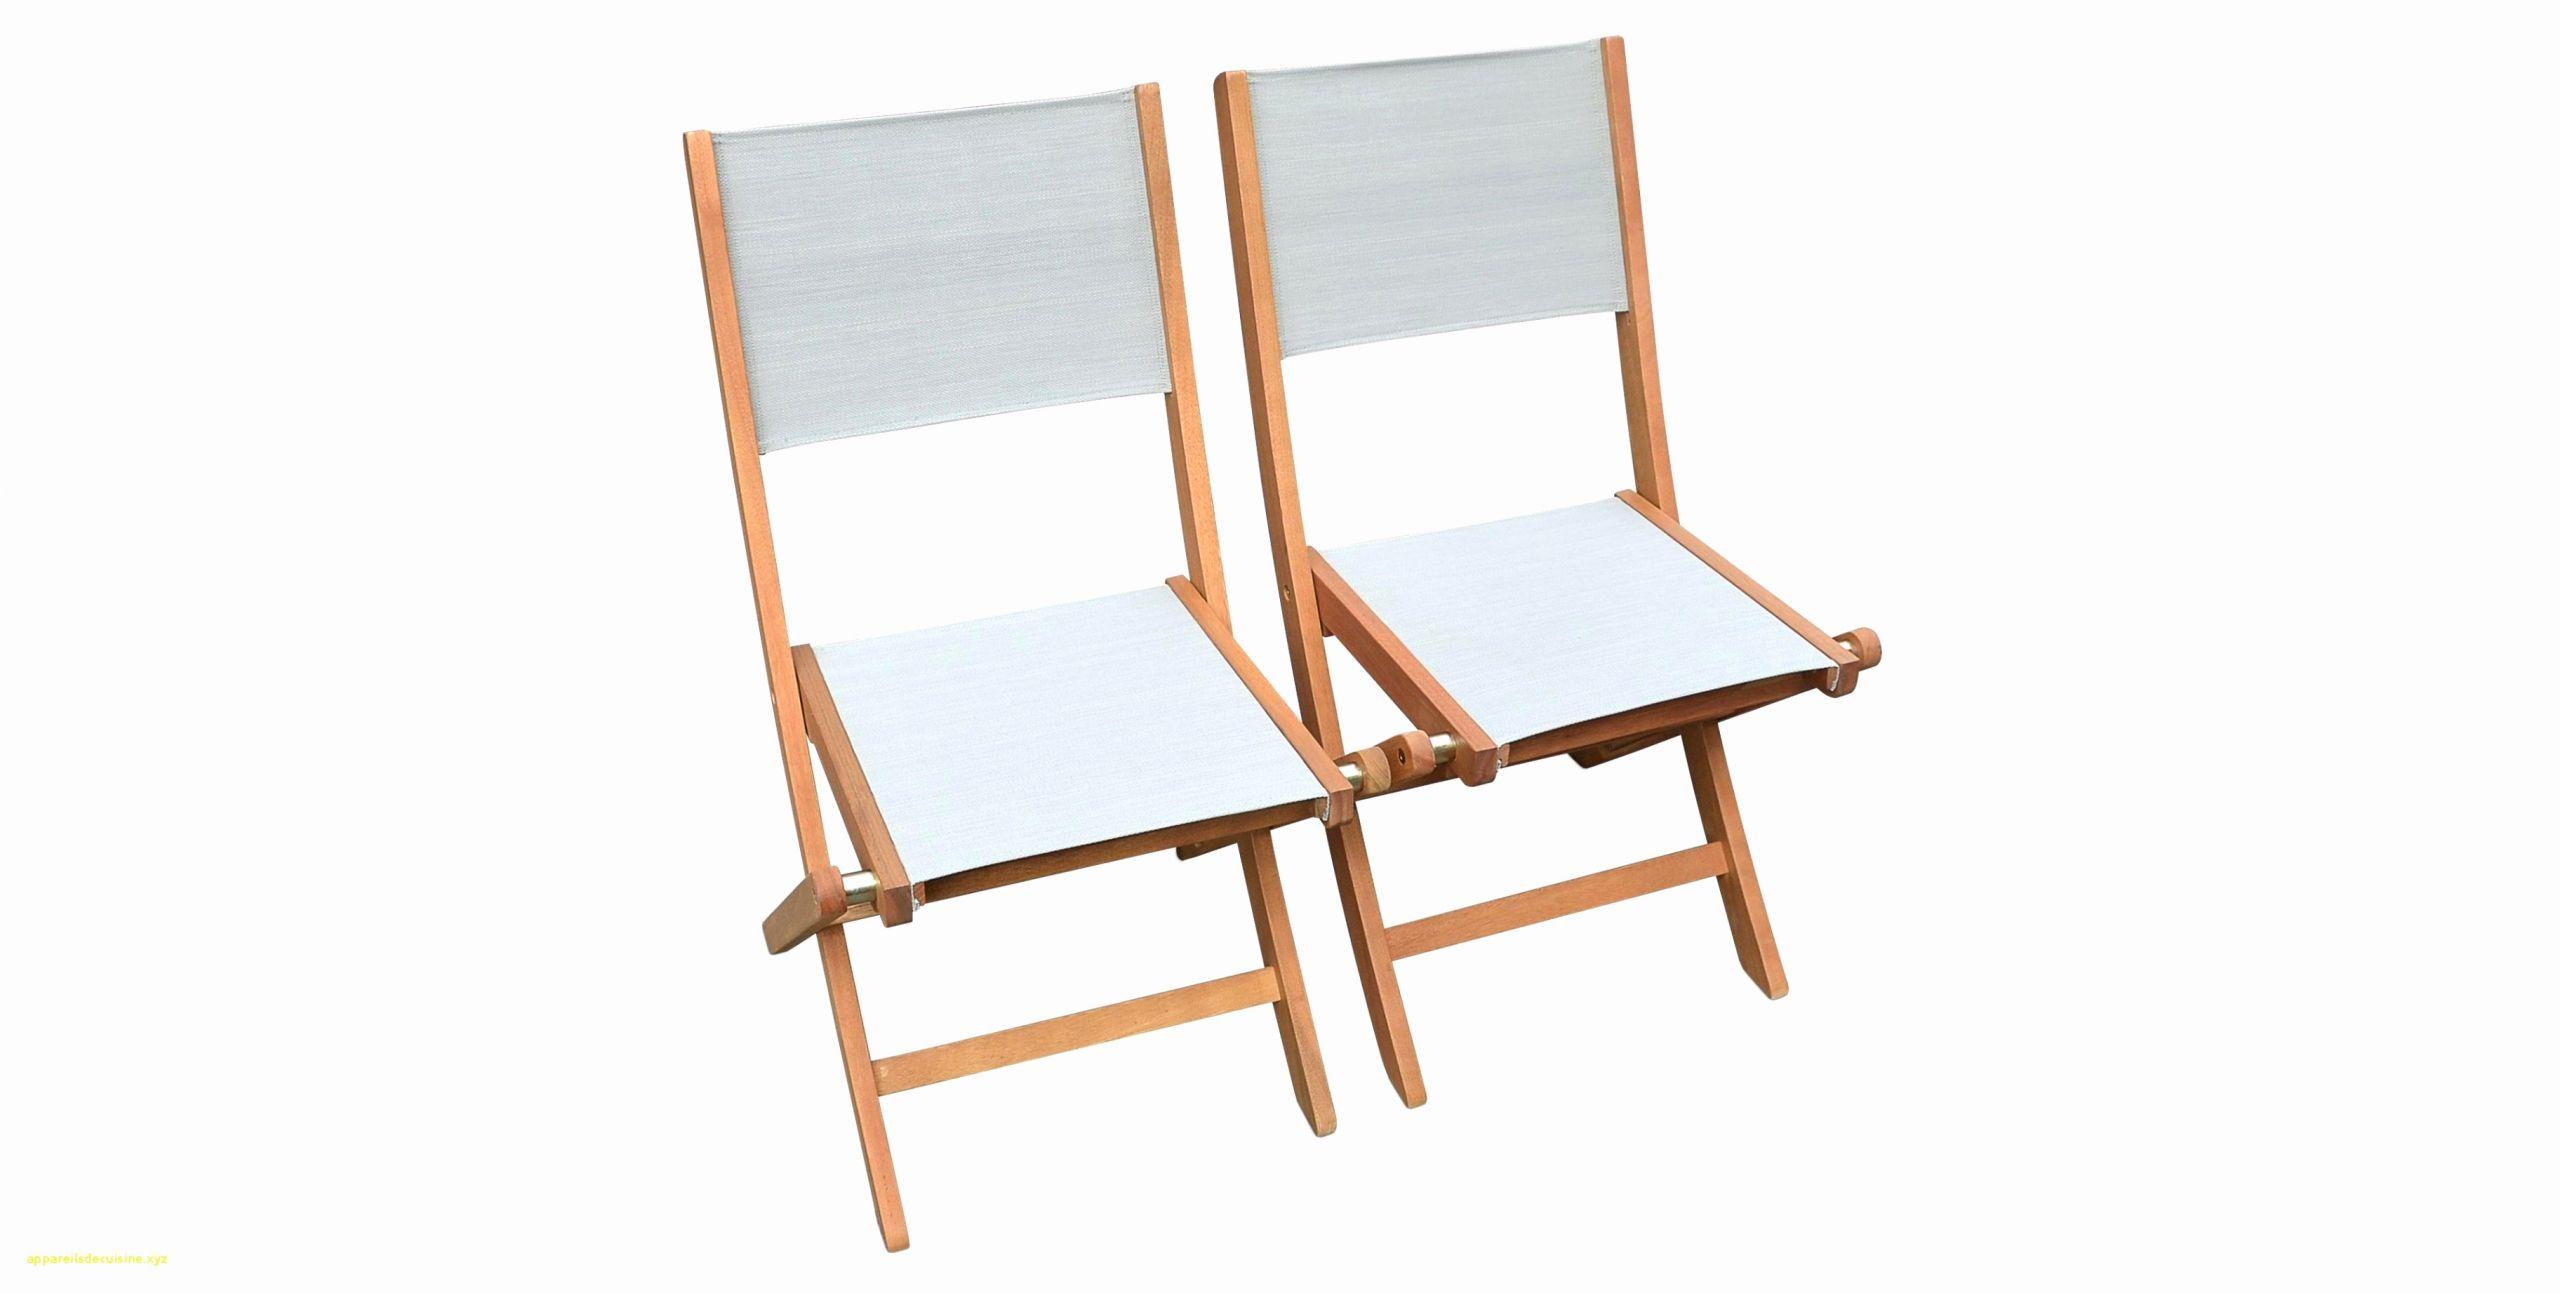 chaise mi hauteur impressionnant chaise assise 60 cm unique chaise mi hauteur meilleur les 16 chaise of chaise mi hauteur